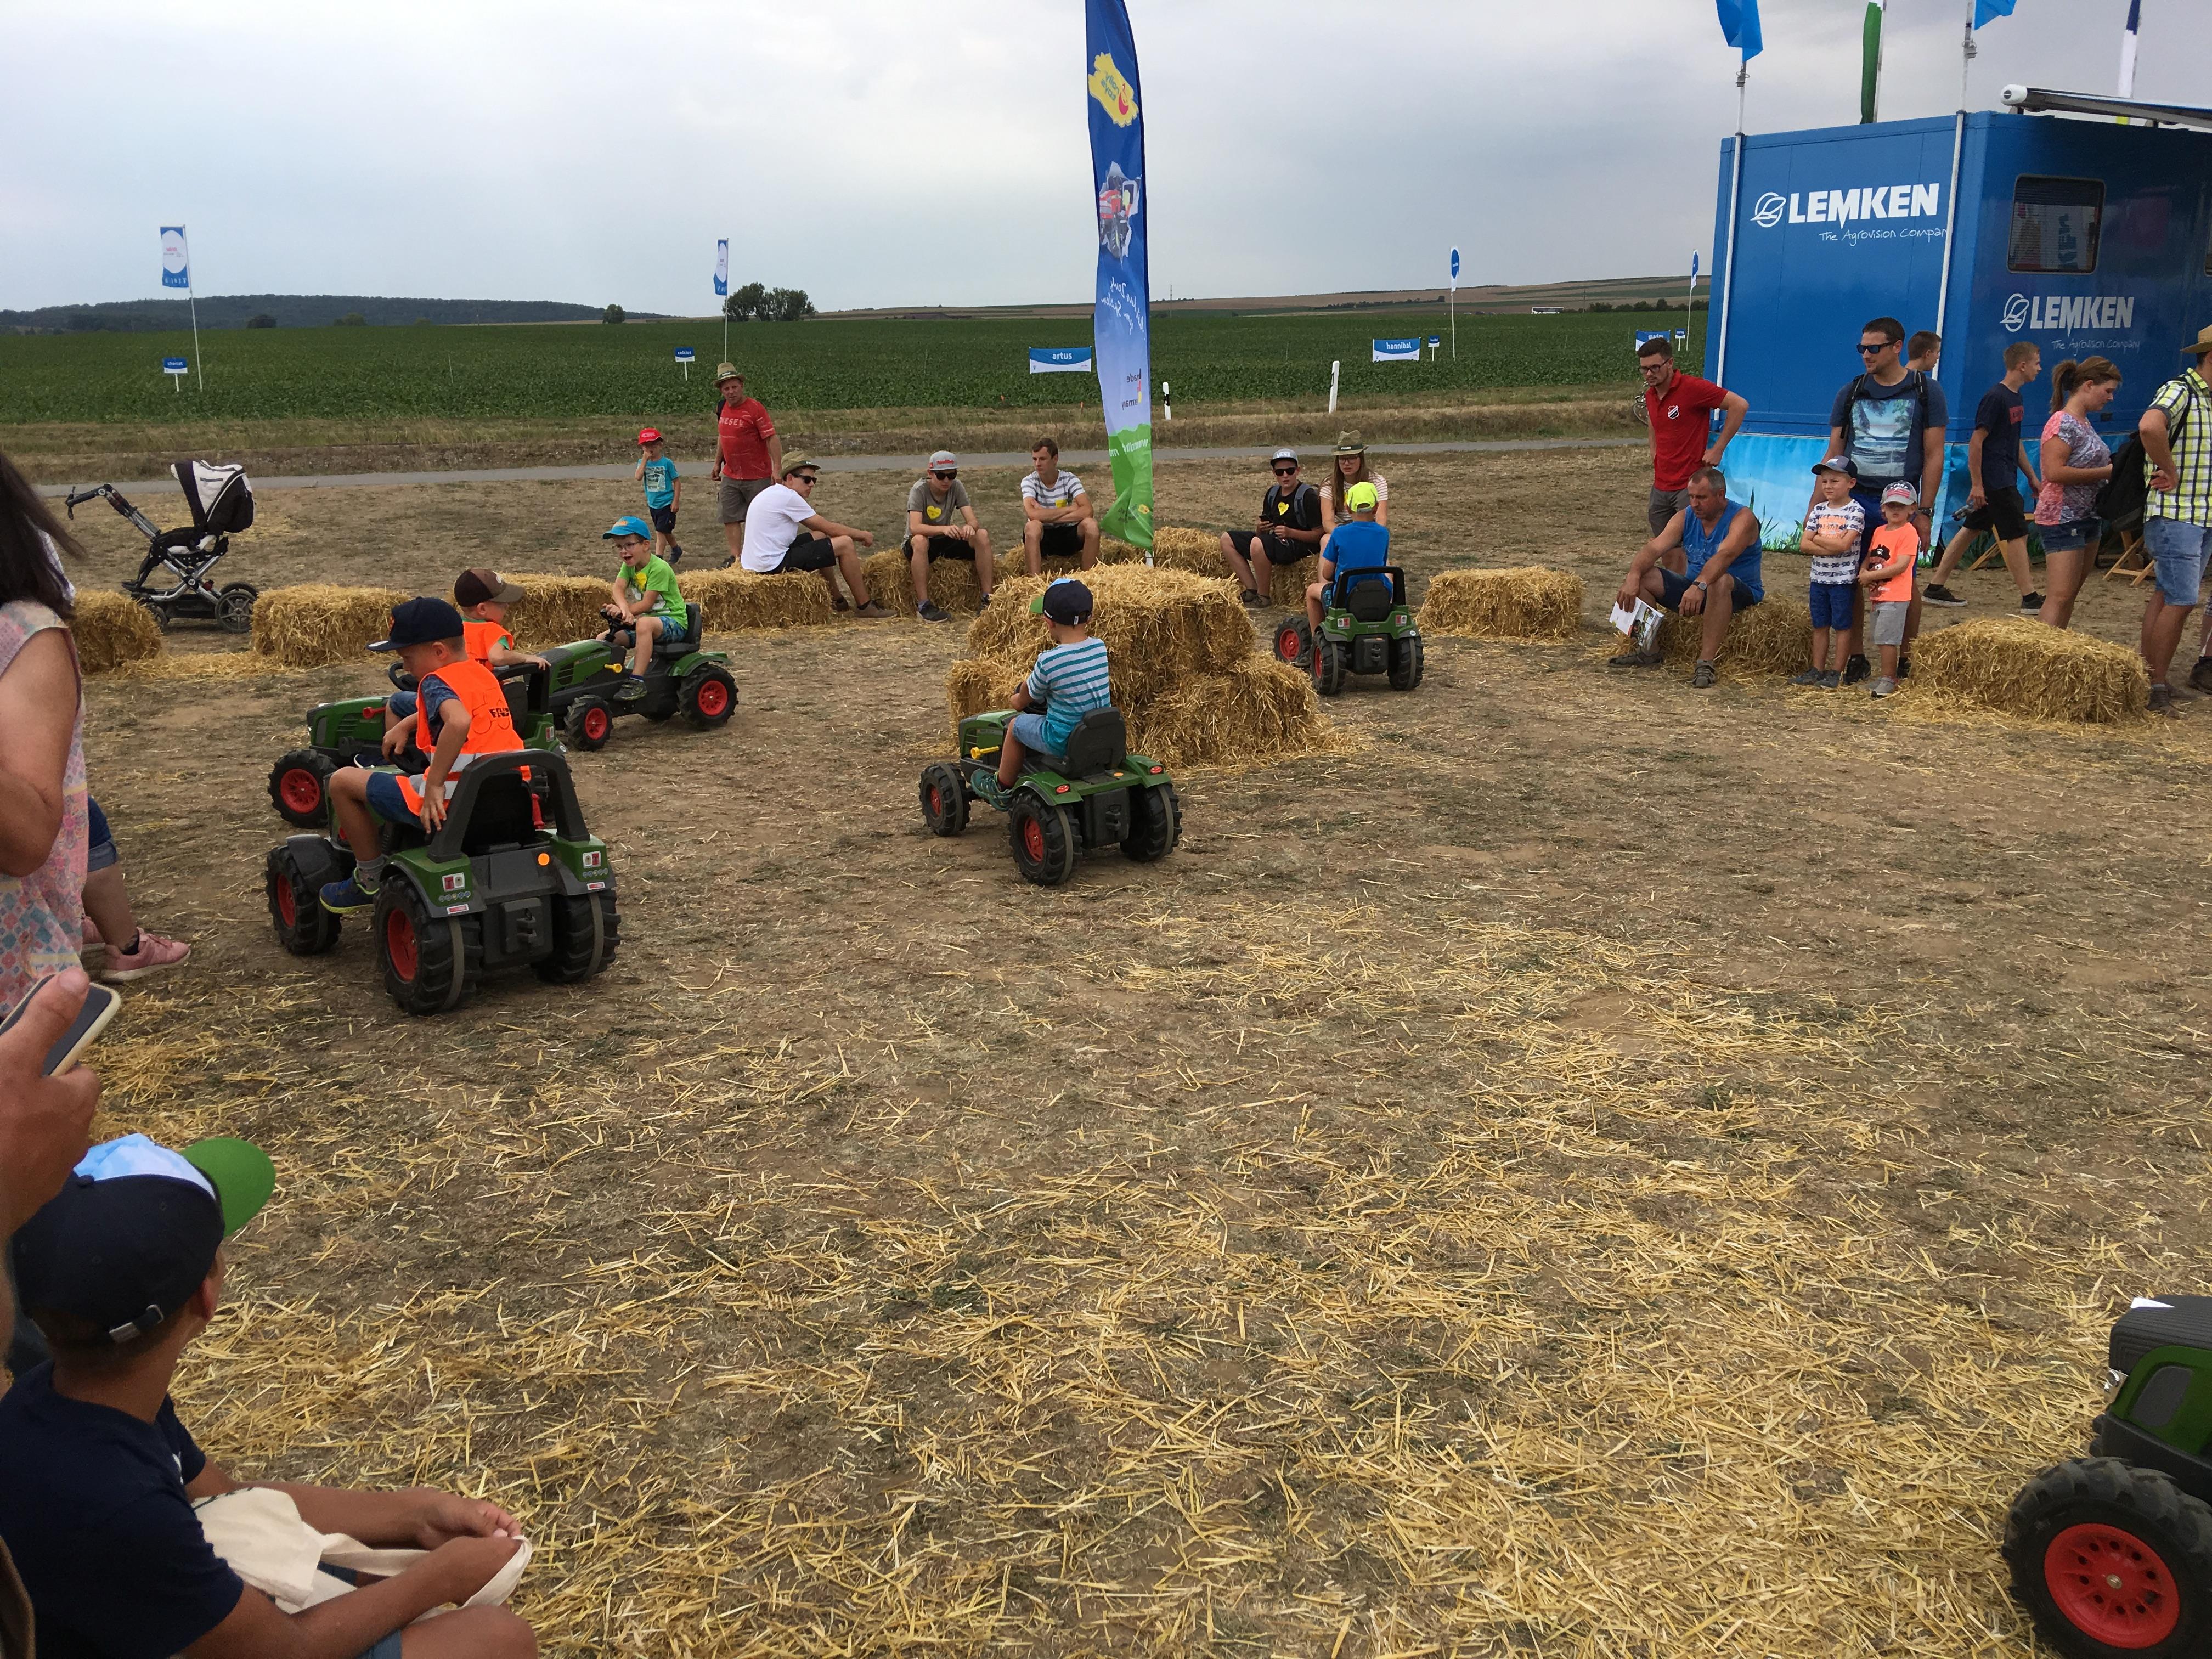 Fendt_Field_Day_Wadenbrunn2018-314